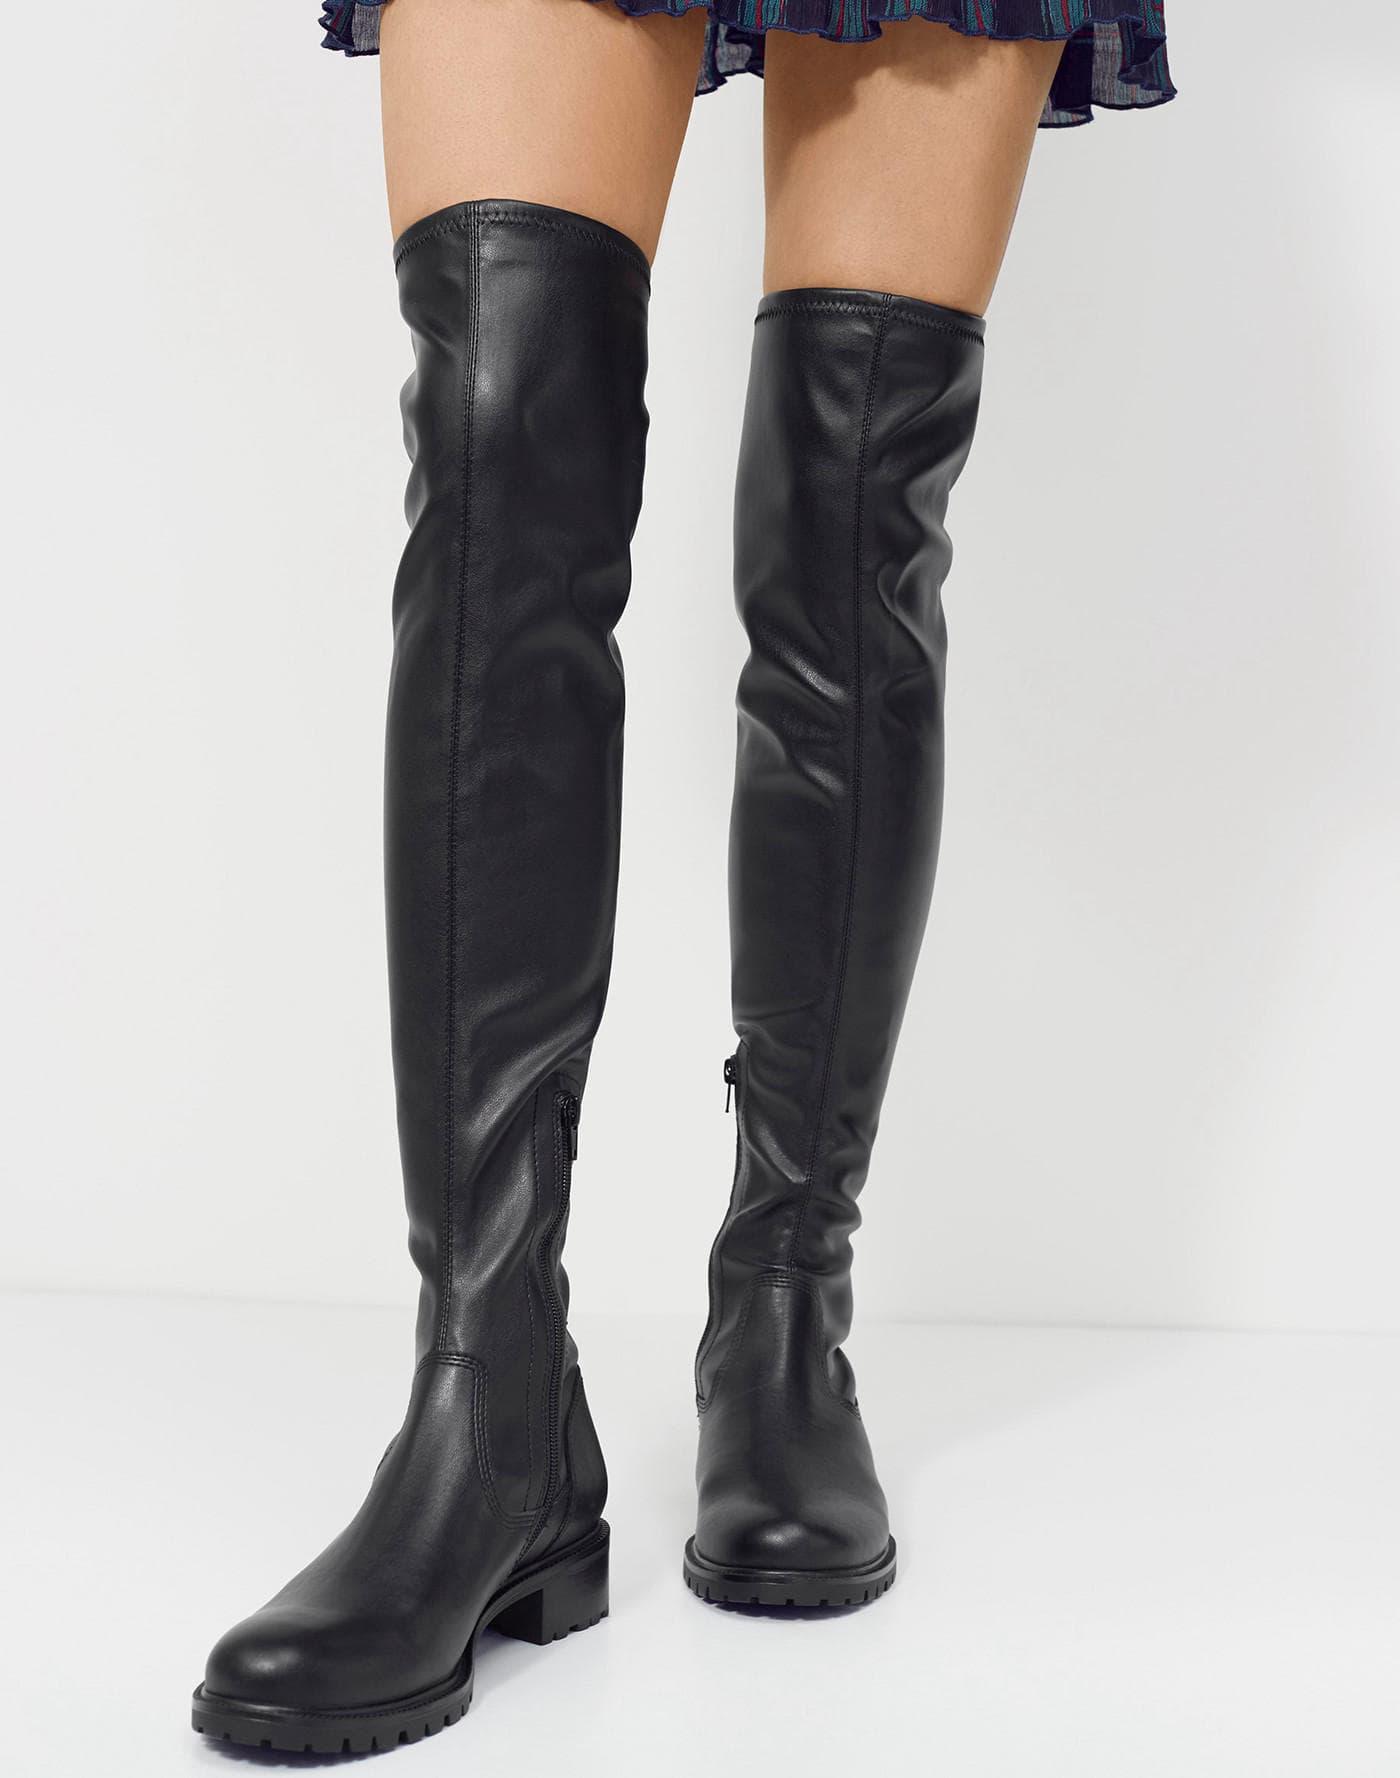 05f047f7b8b Boots